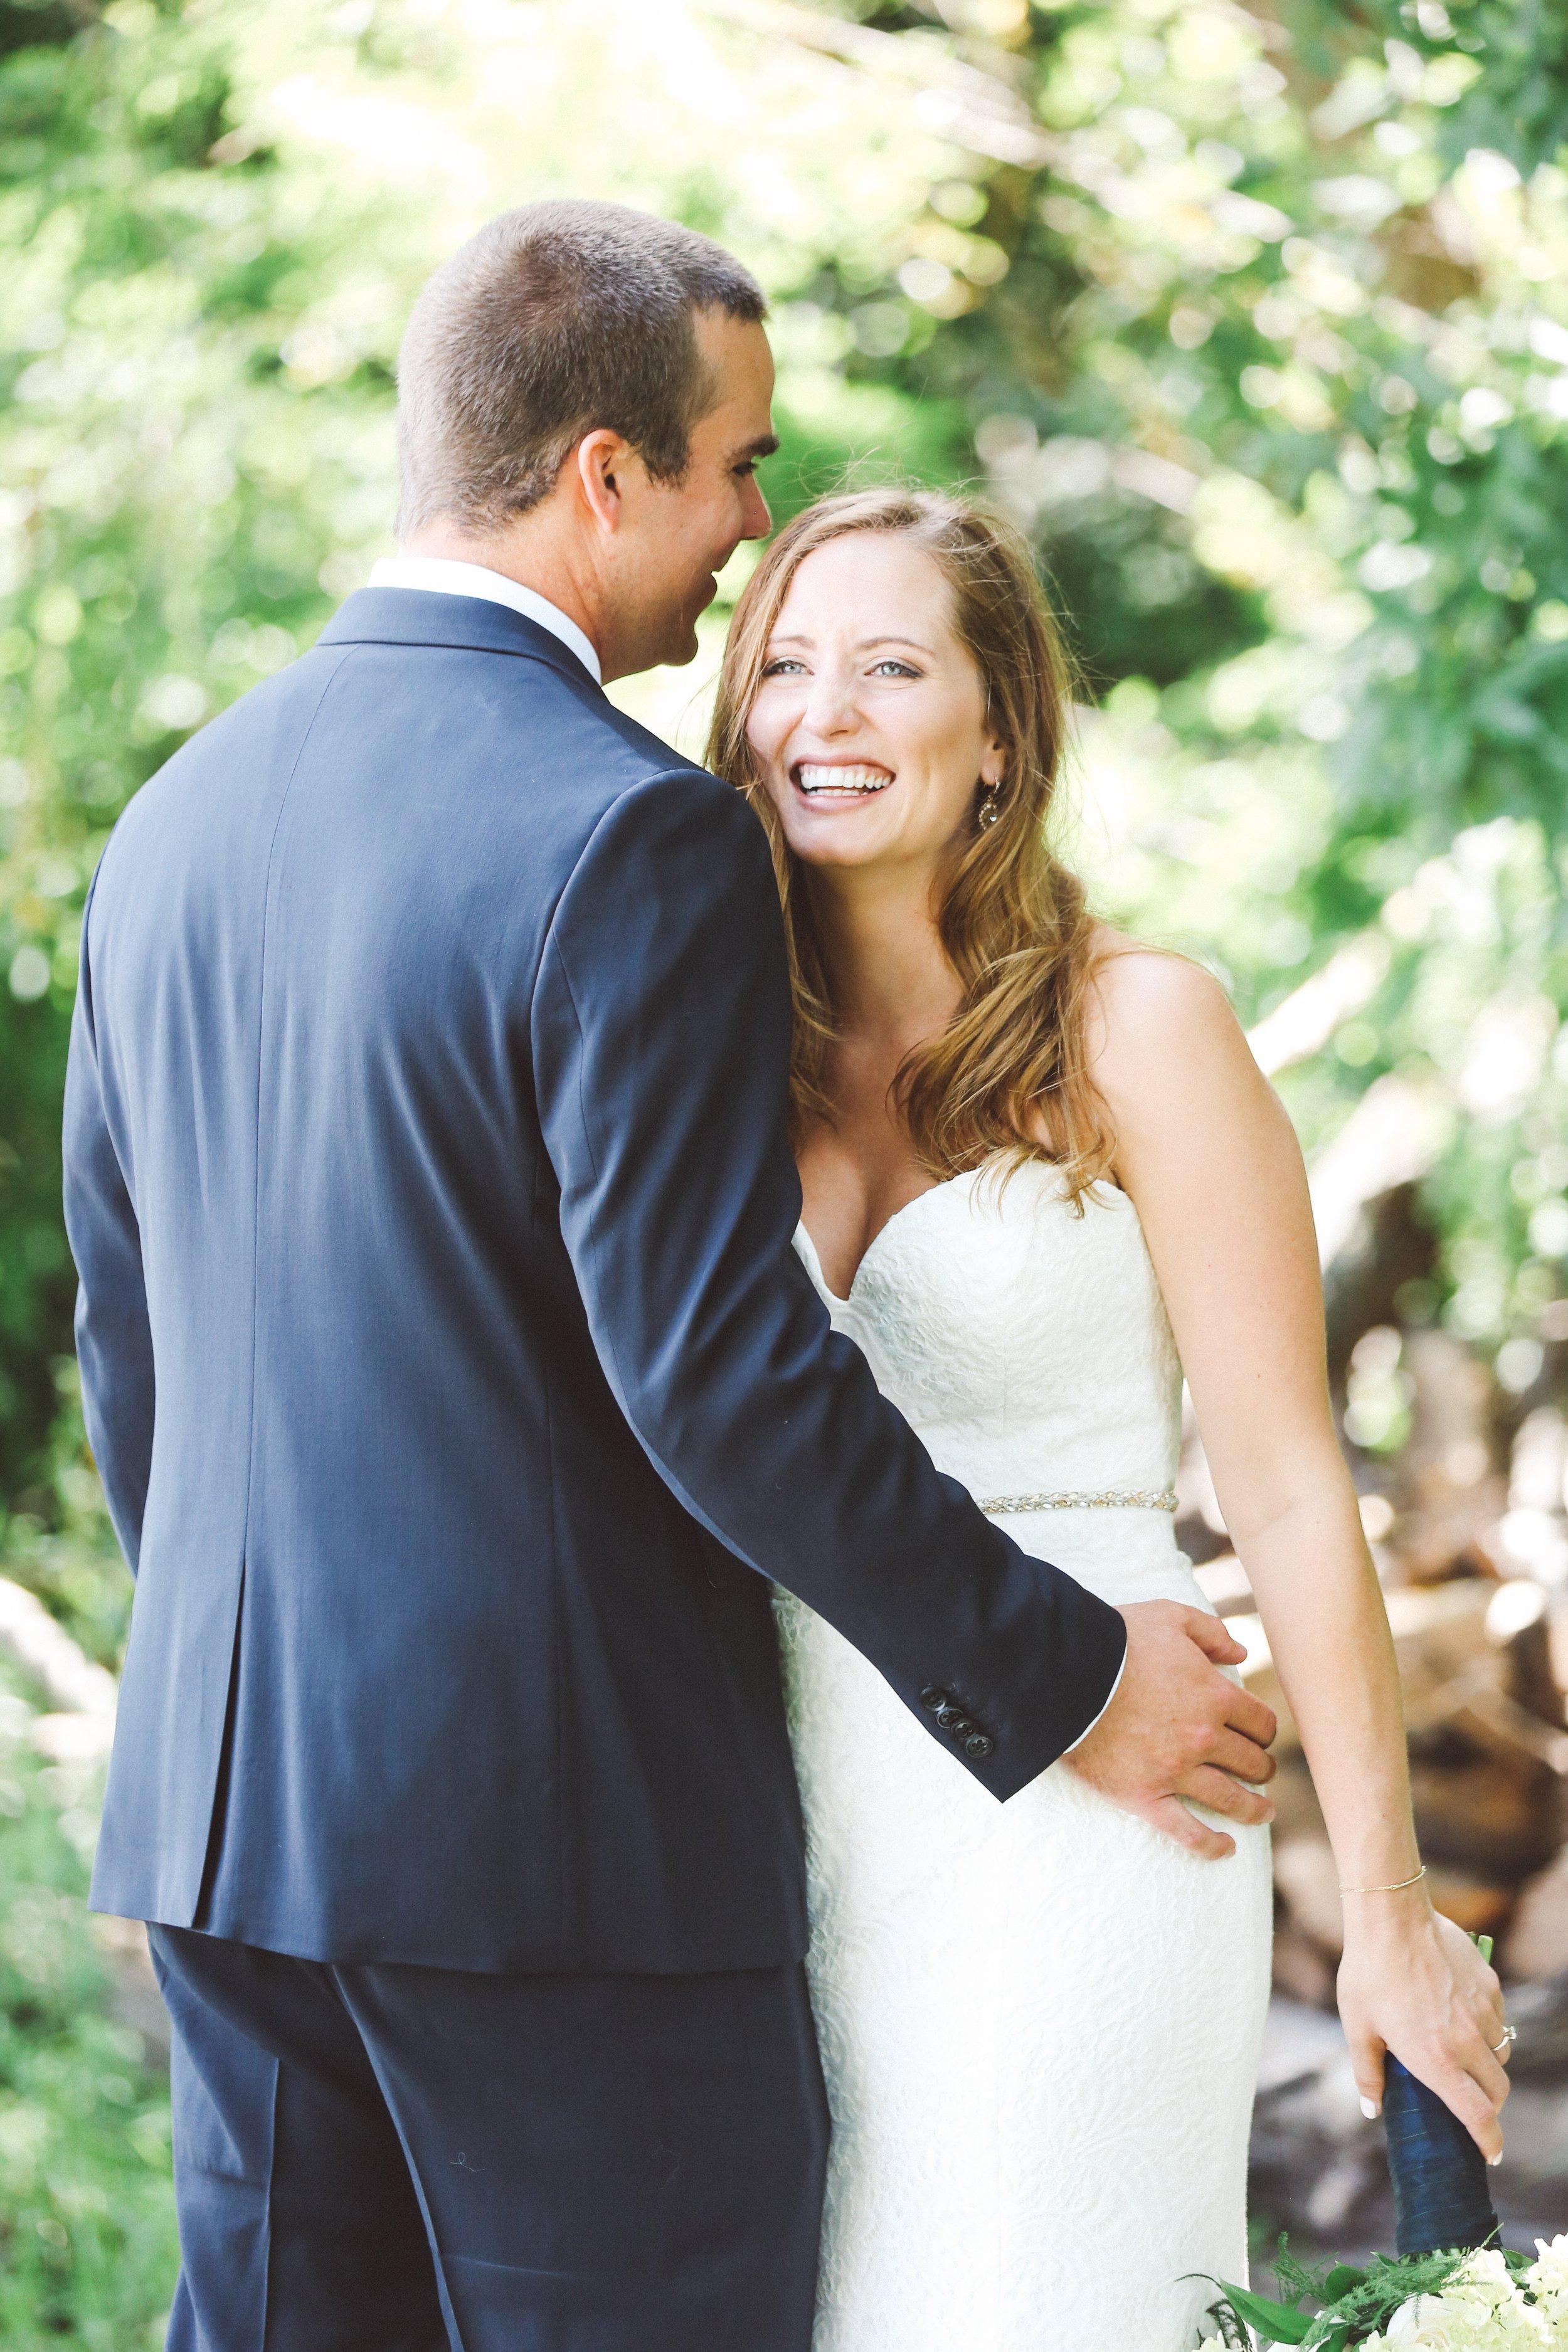 Minnesota Bride and Groom